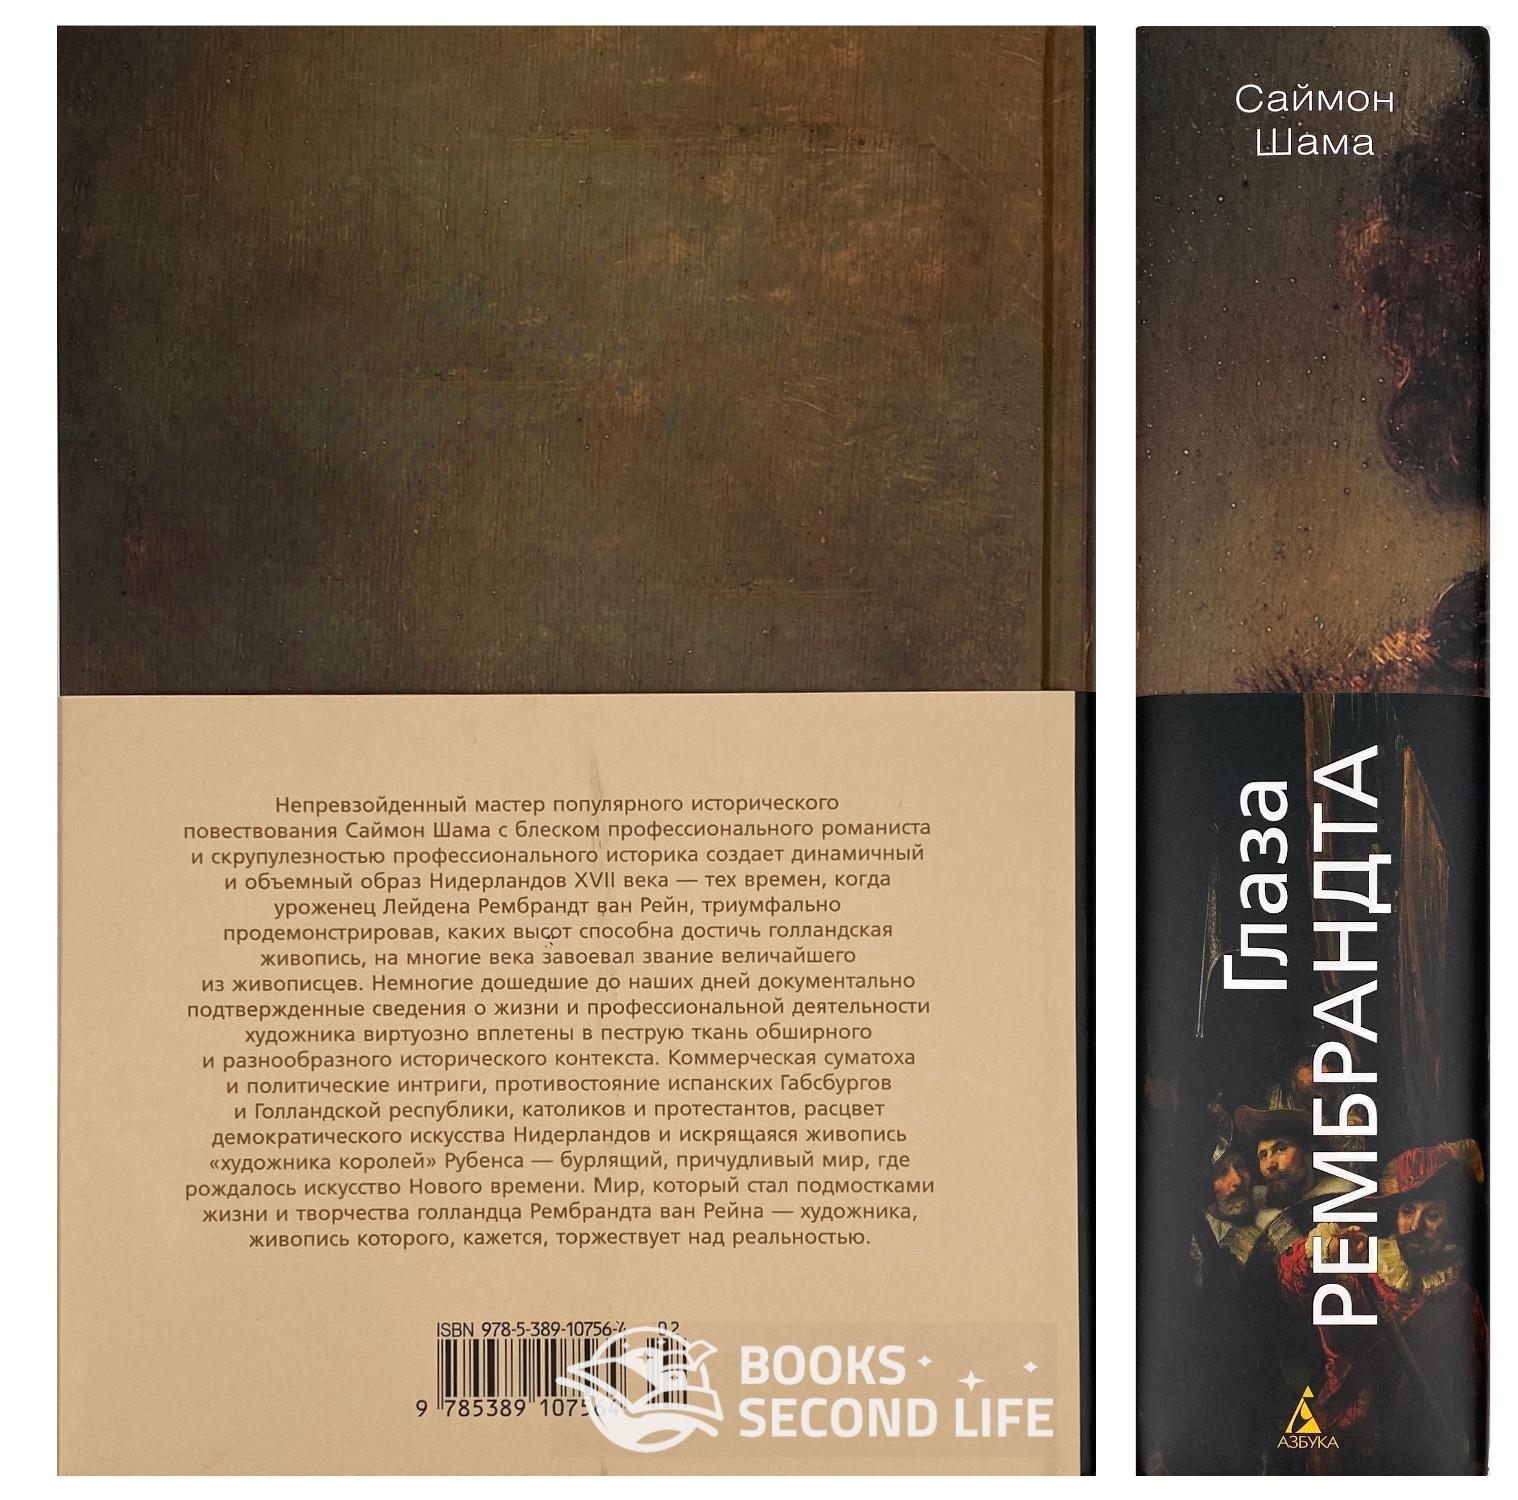 Глаза Рембрандта. Автор — Саймон Шама. Переплет —